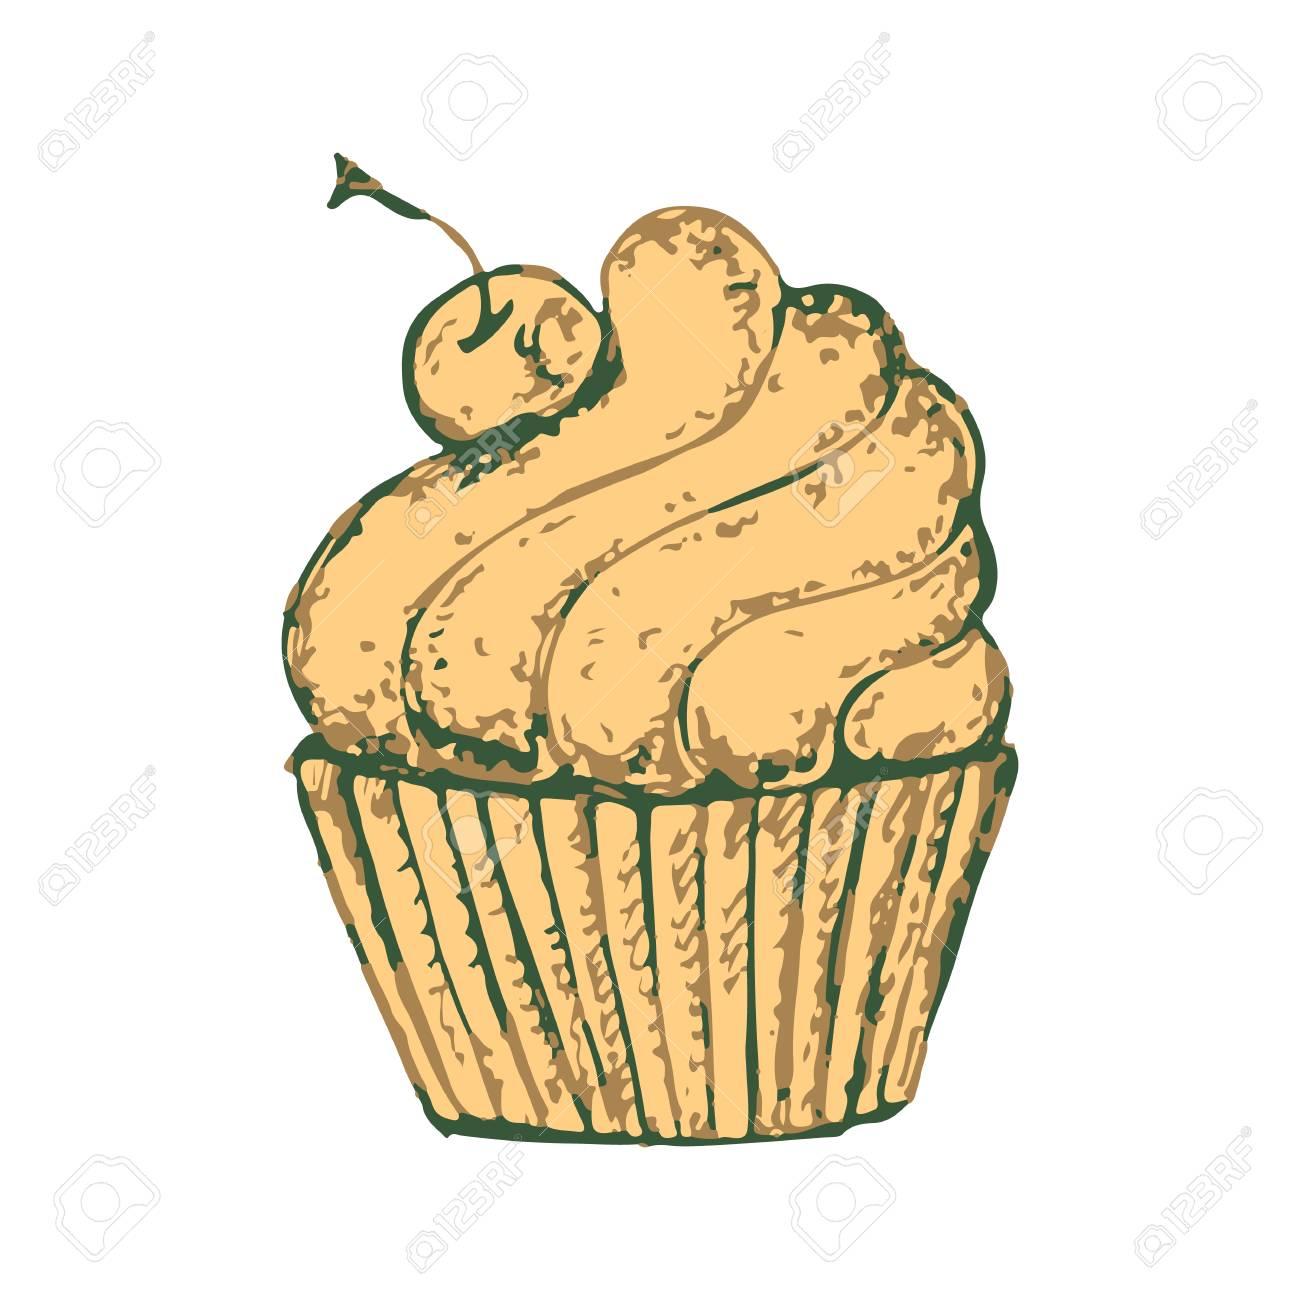 Skizzieren Sie Einen Leckeren Kuchen Susses Clipart Mit Einer Creme